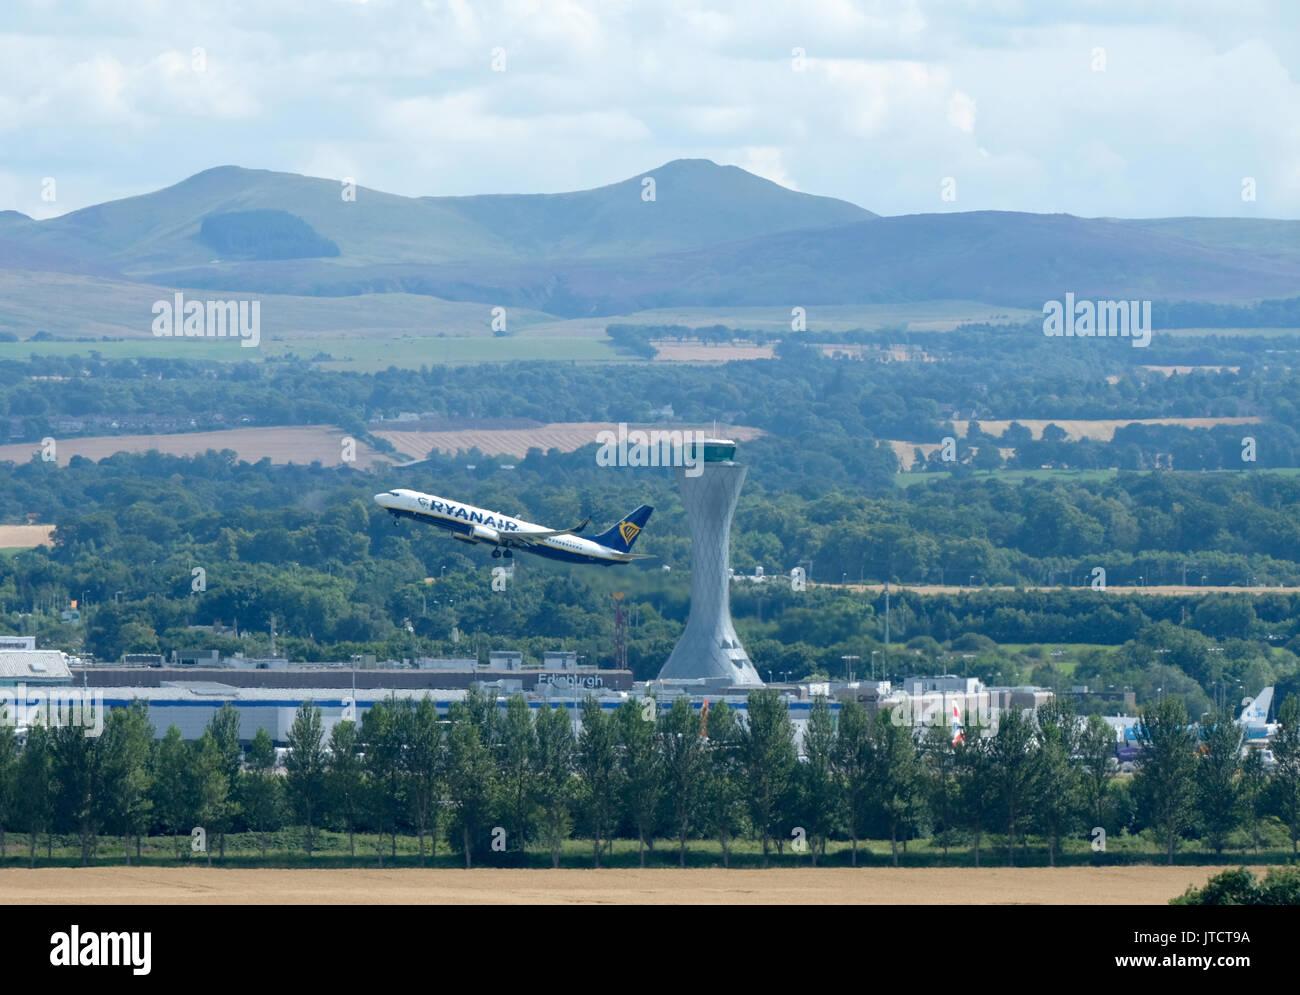 Eine ryanair Passagierflugzeuge startet vom Flughafen Edinburgh entfernt. Stockbild